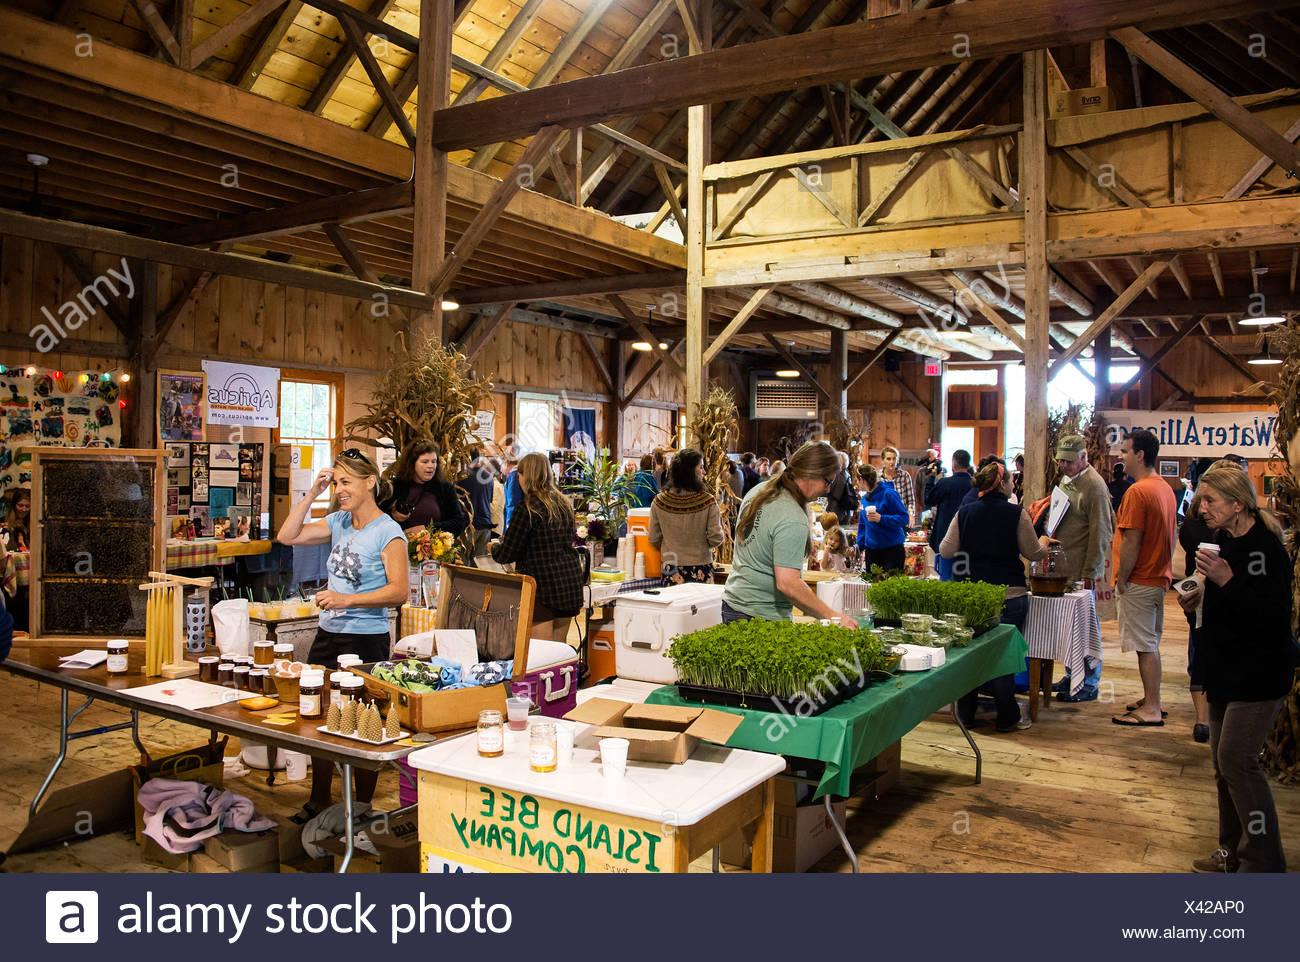 Gli espositori della Martha's Vineyard vivente raccolto locale Fest, West Tisbury, Massachusetts, STATI UNITI D'AMERICA Immagini Stock